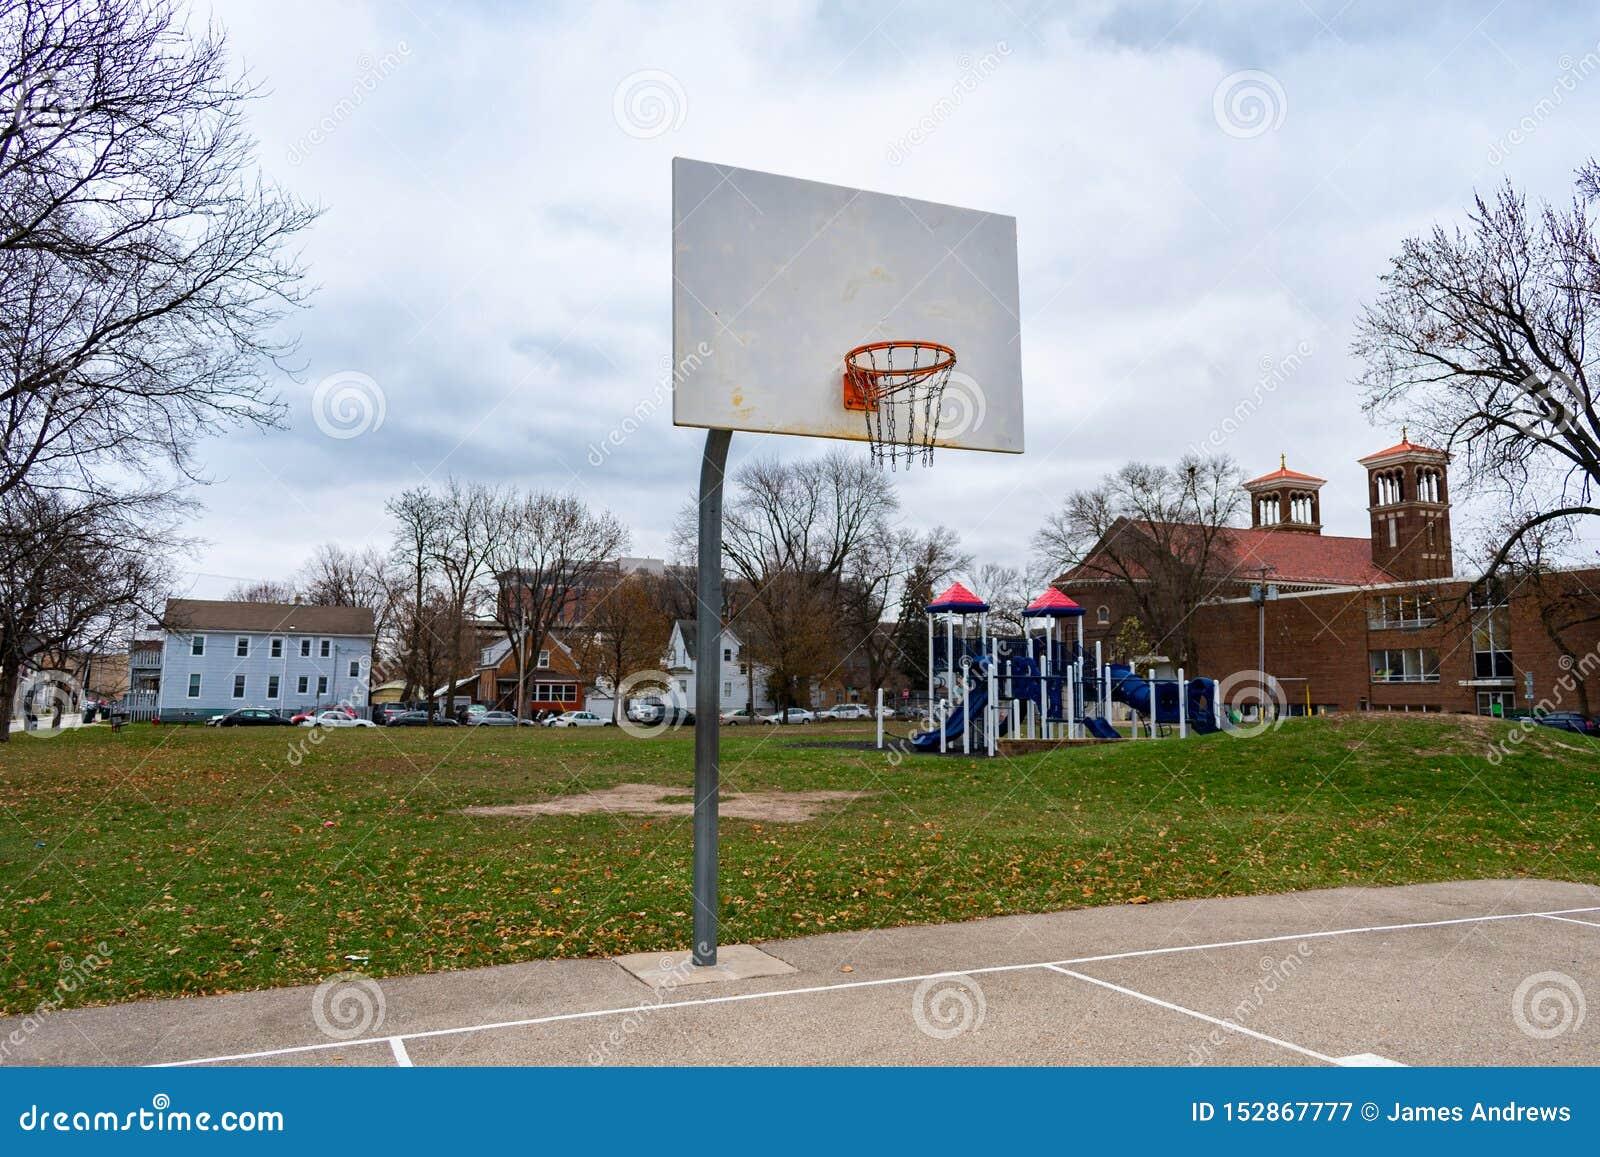 Cerchio di pallacanestro in un parco degli stati medio-occidentali un giorno freddo